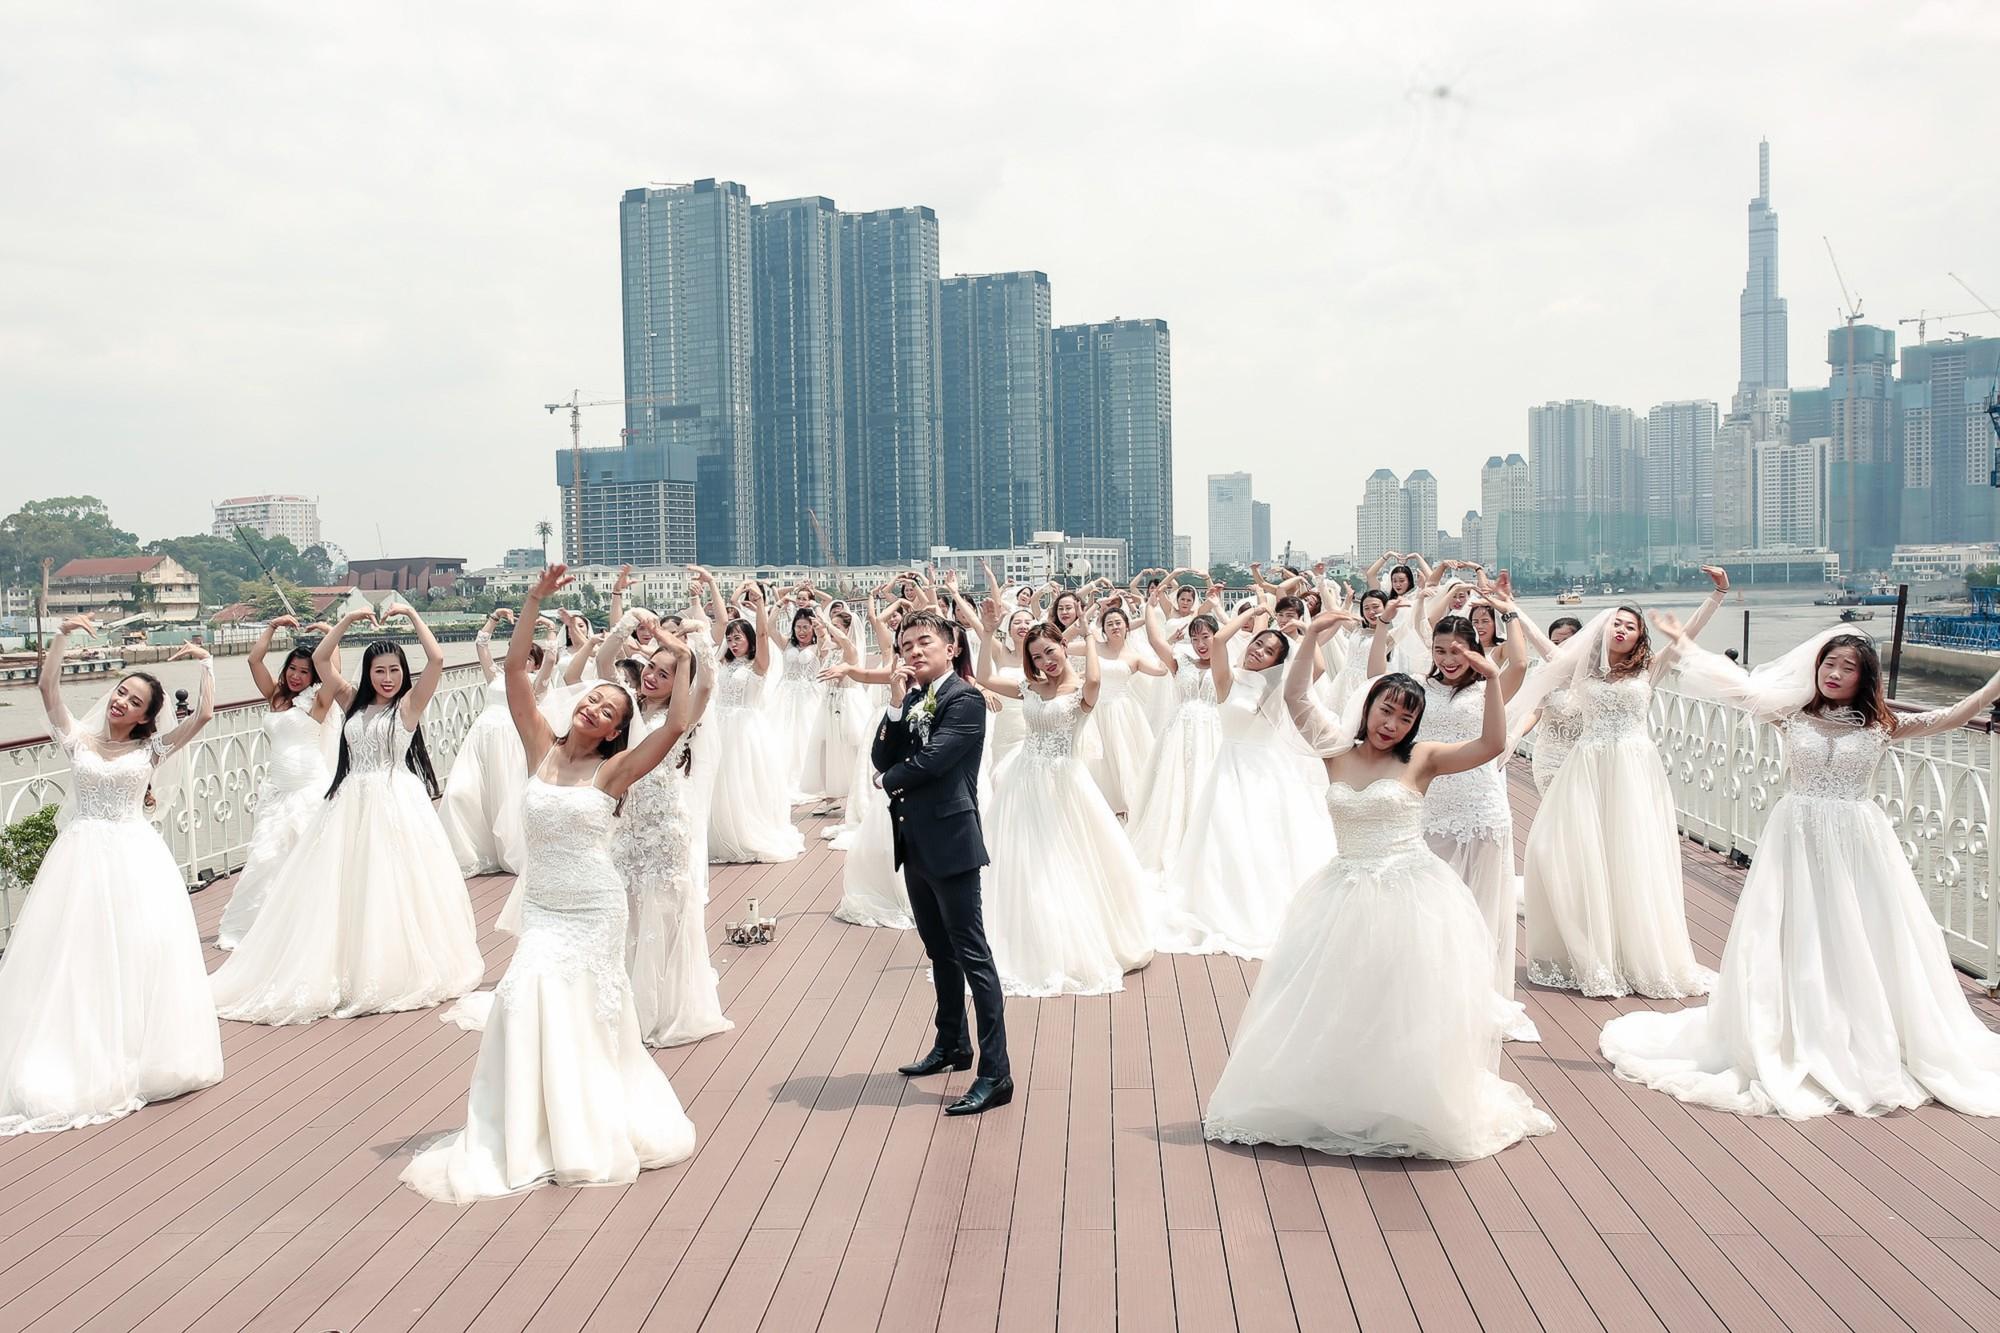 Đàm Vĩnh Hưng chụp ảnh cưới với 50 cô dâu trên boong tàu hạng sang  - Ảnh 2.